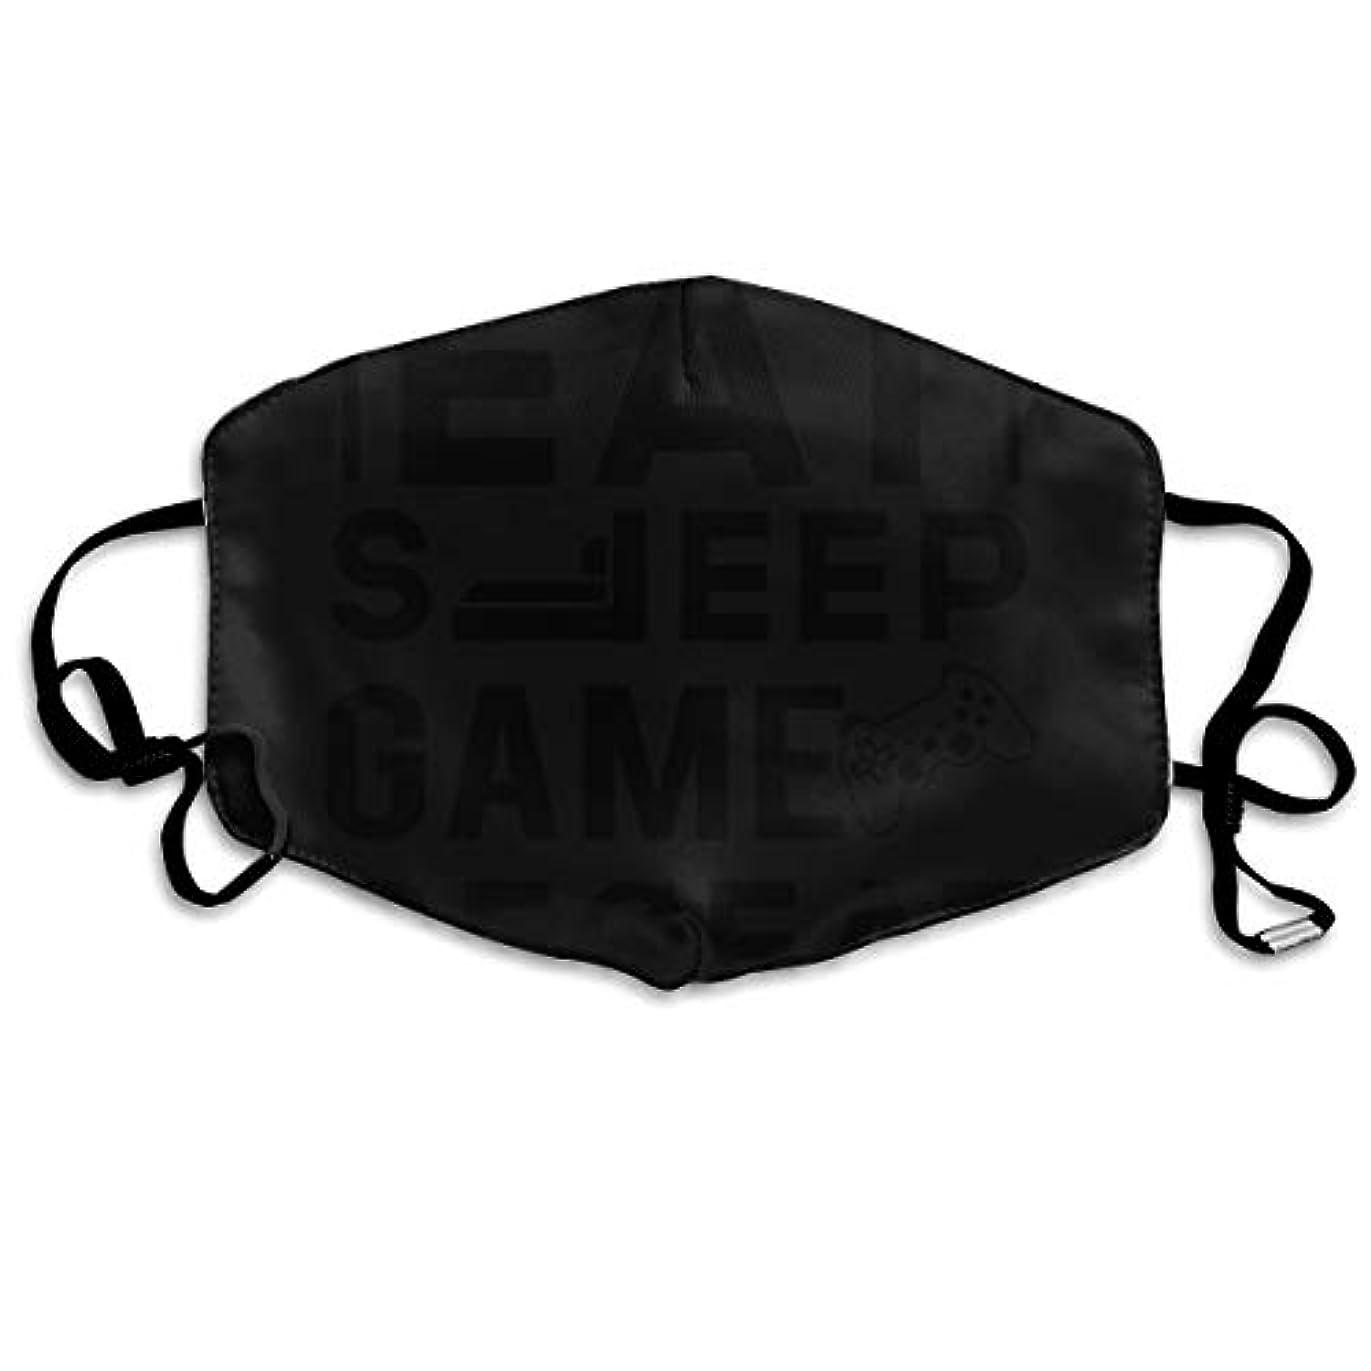 応答プレゼンテーションブラシAxiongsd Uvカットマスク 洗える かわいい 自転車 マスク黒 ピンク 睡眠 ゲーム 食べる